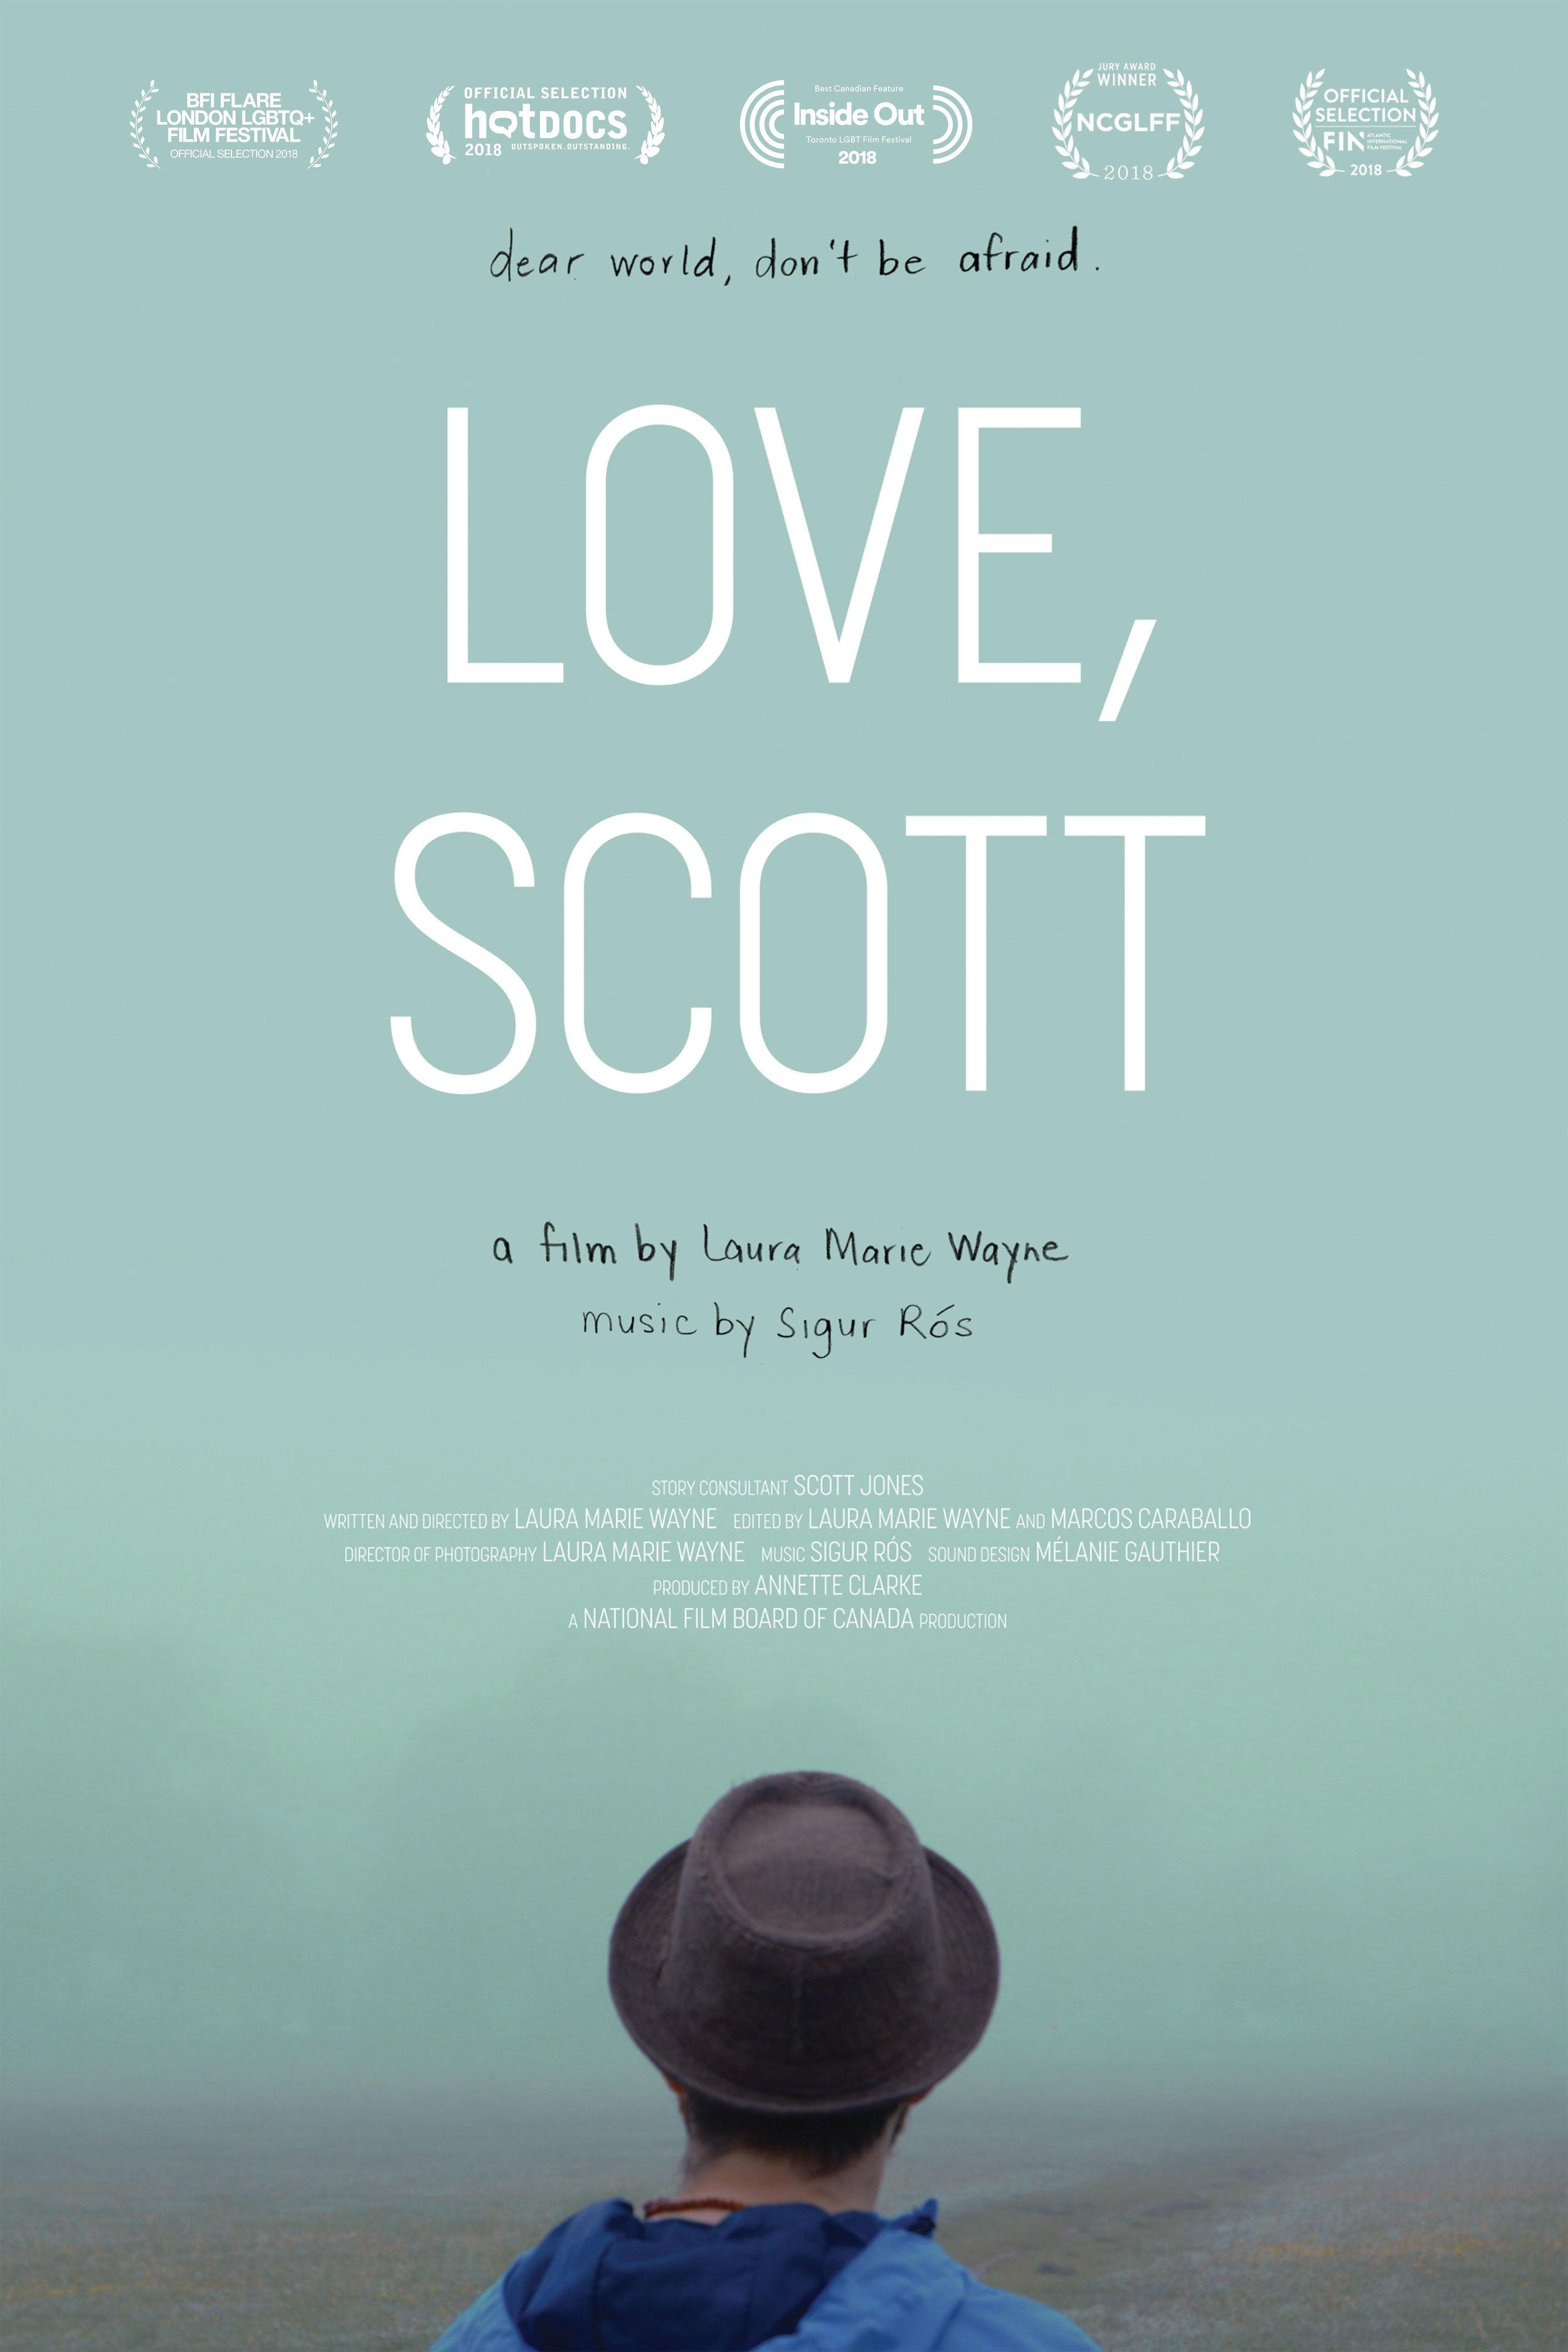 LoveScott_Final-Affiche24x36_v02_HR-web-(2).jpg